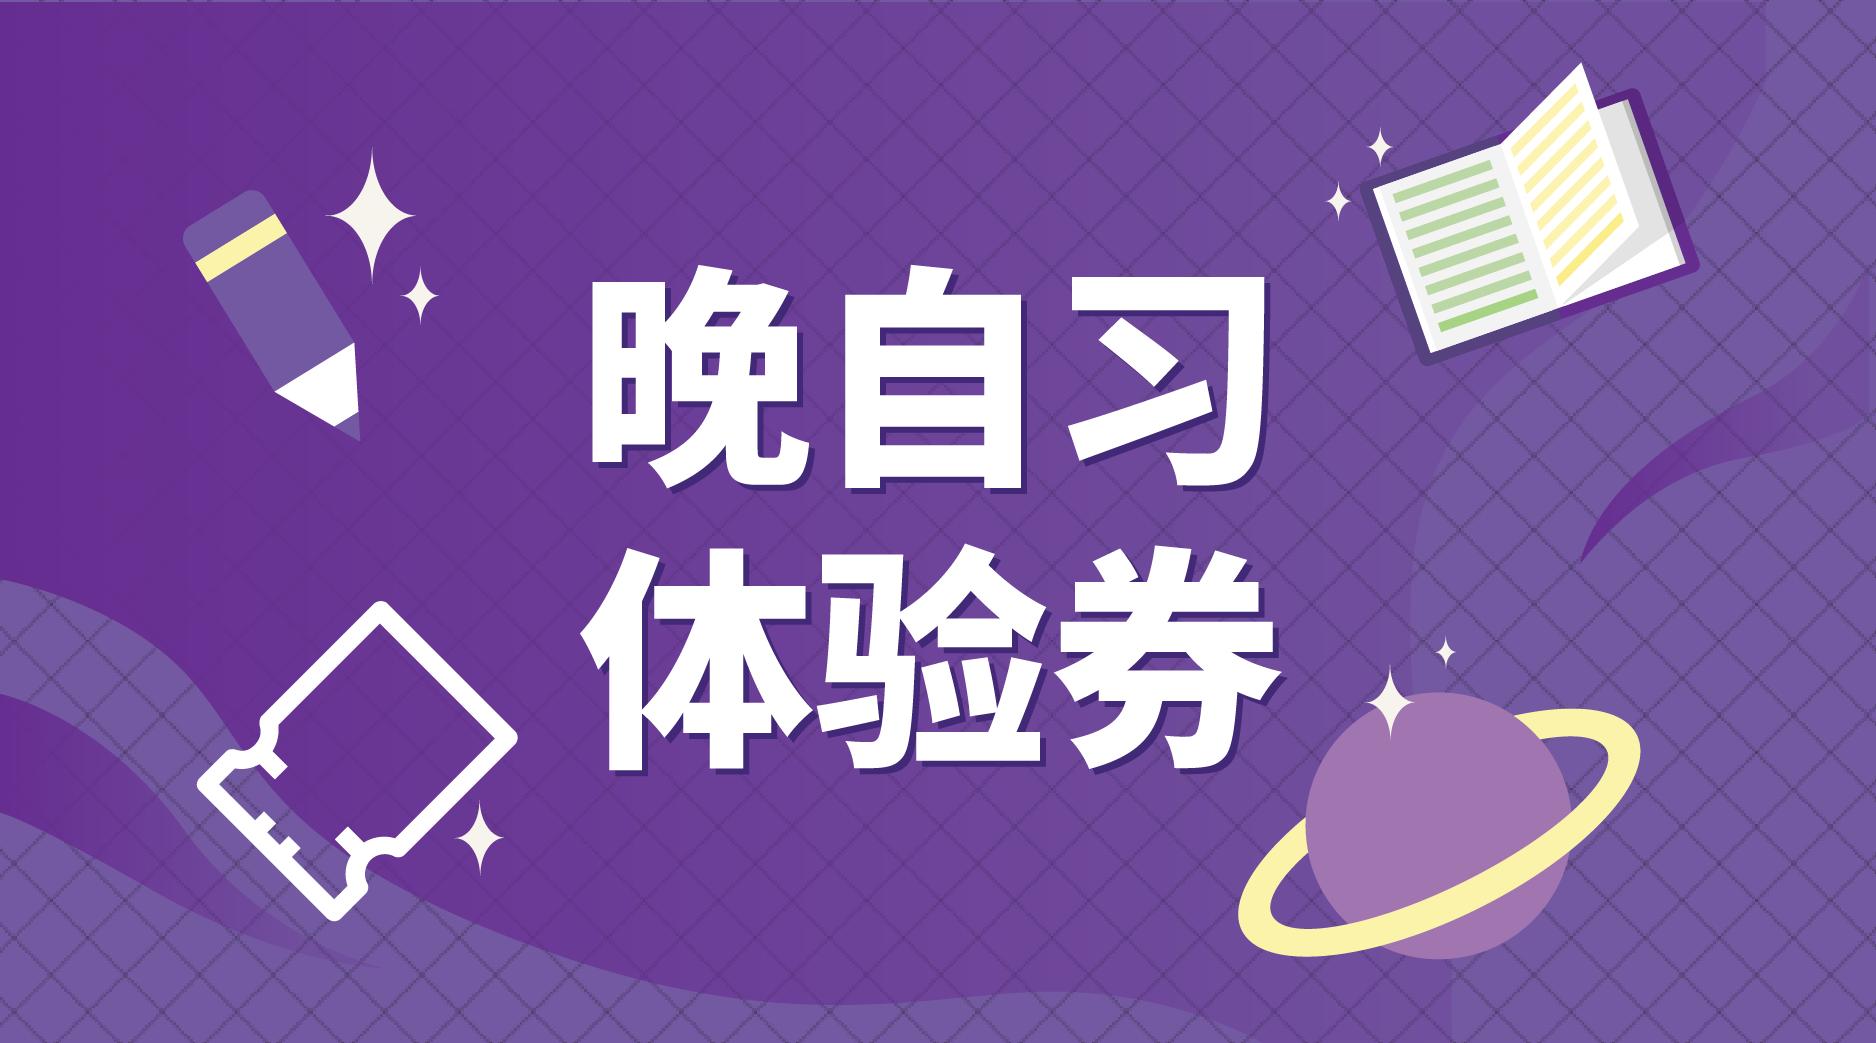 杭州星火晚自习课程